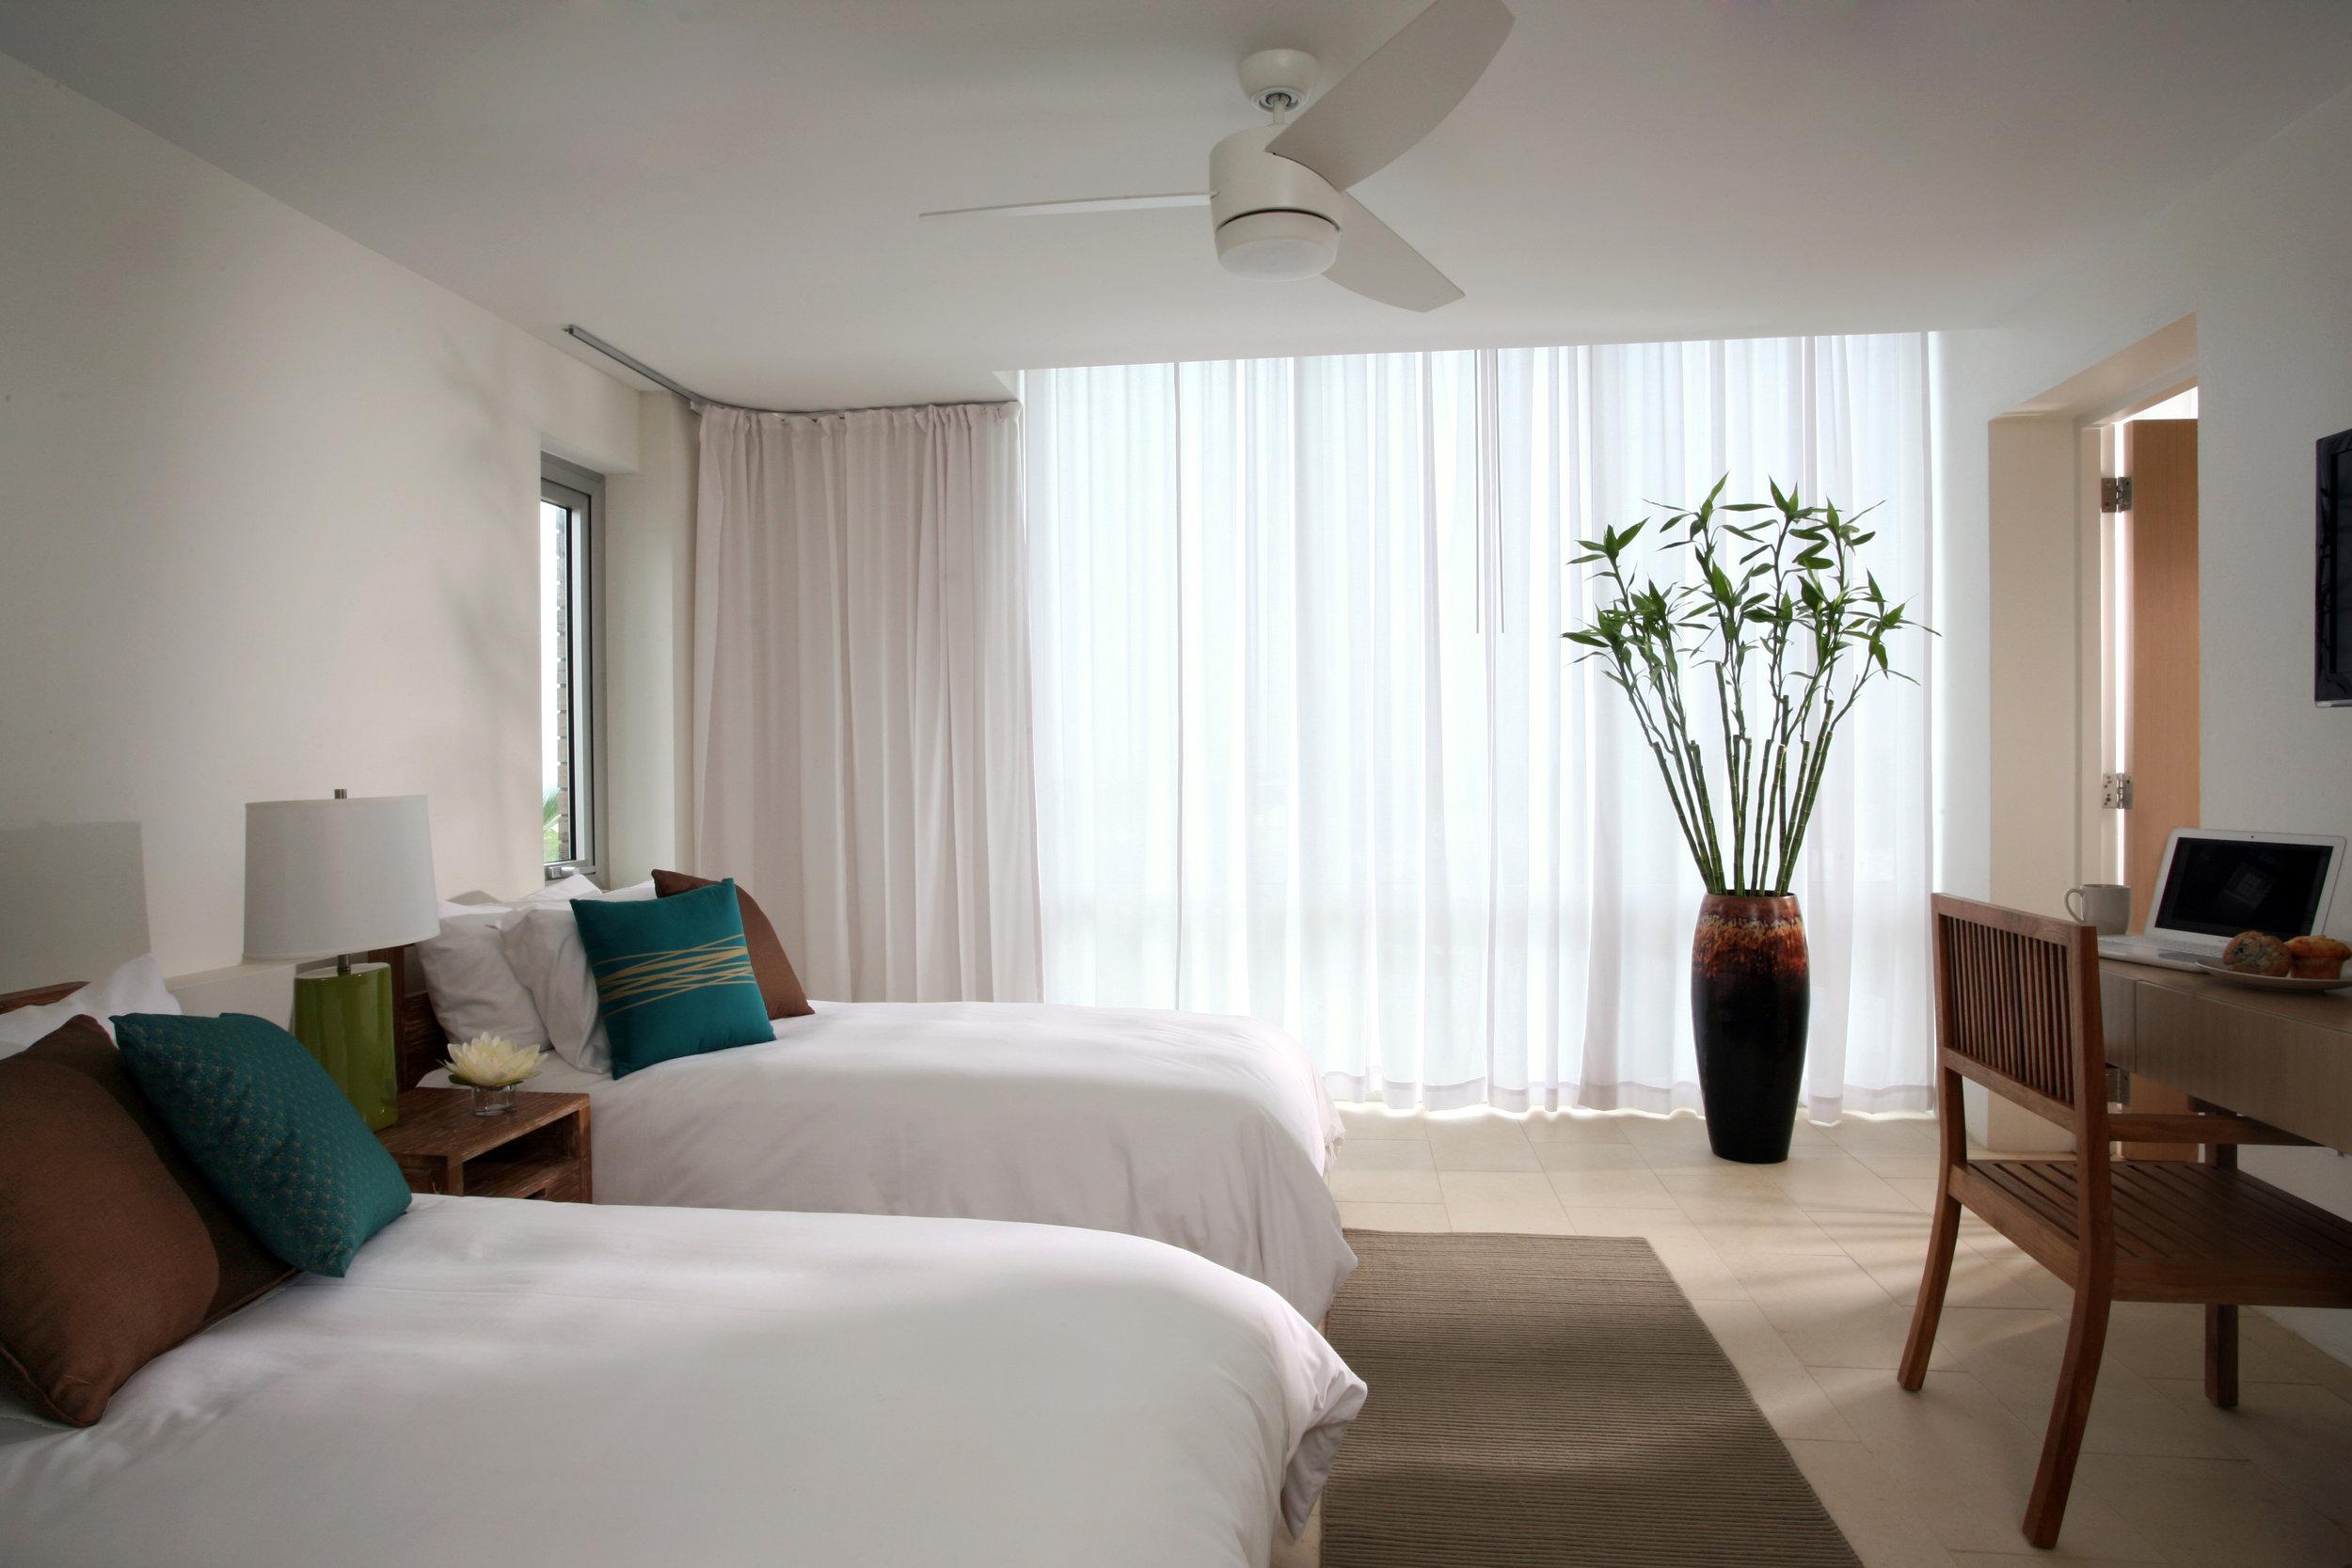 贵宾套房(2张单人床或1张超大号床)- 南别墅